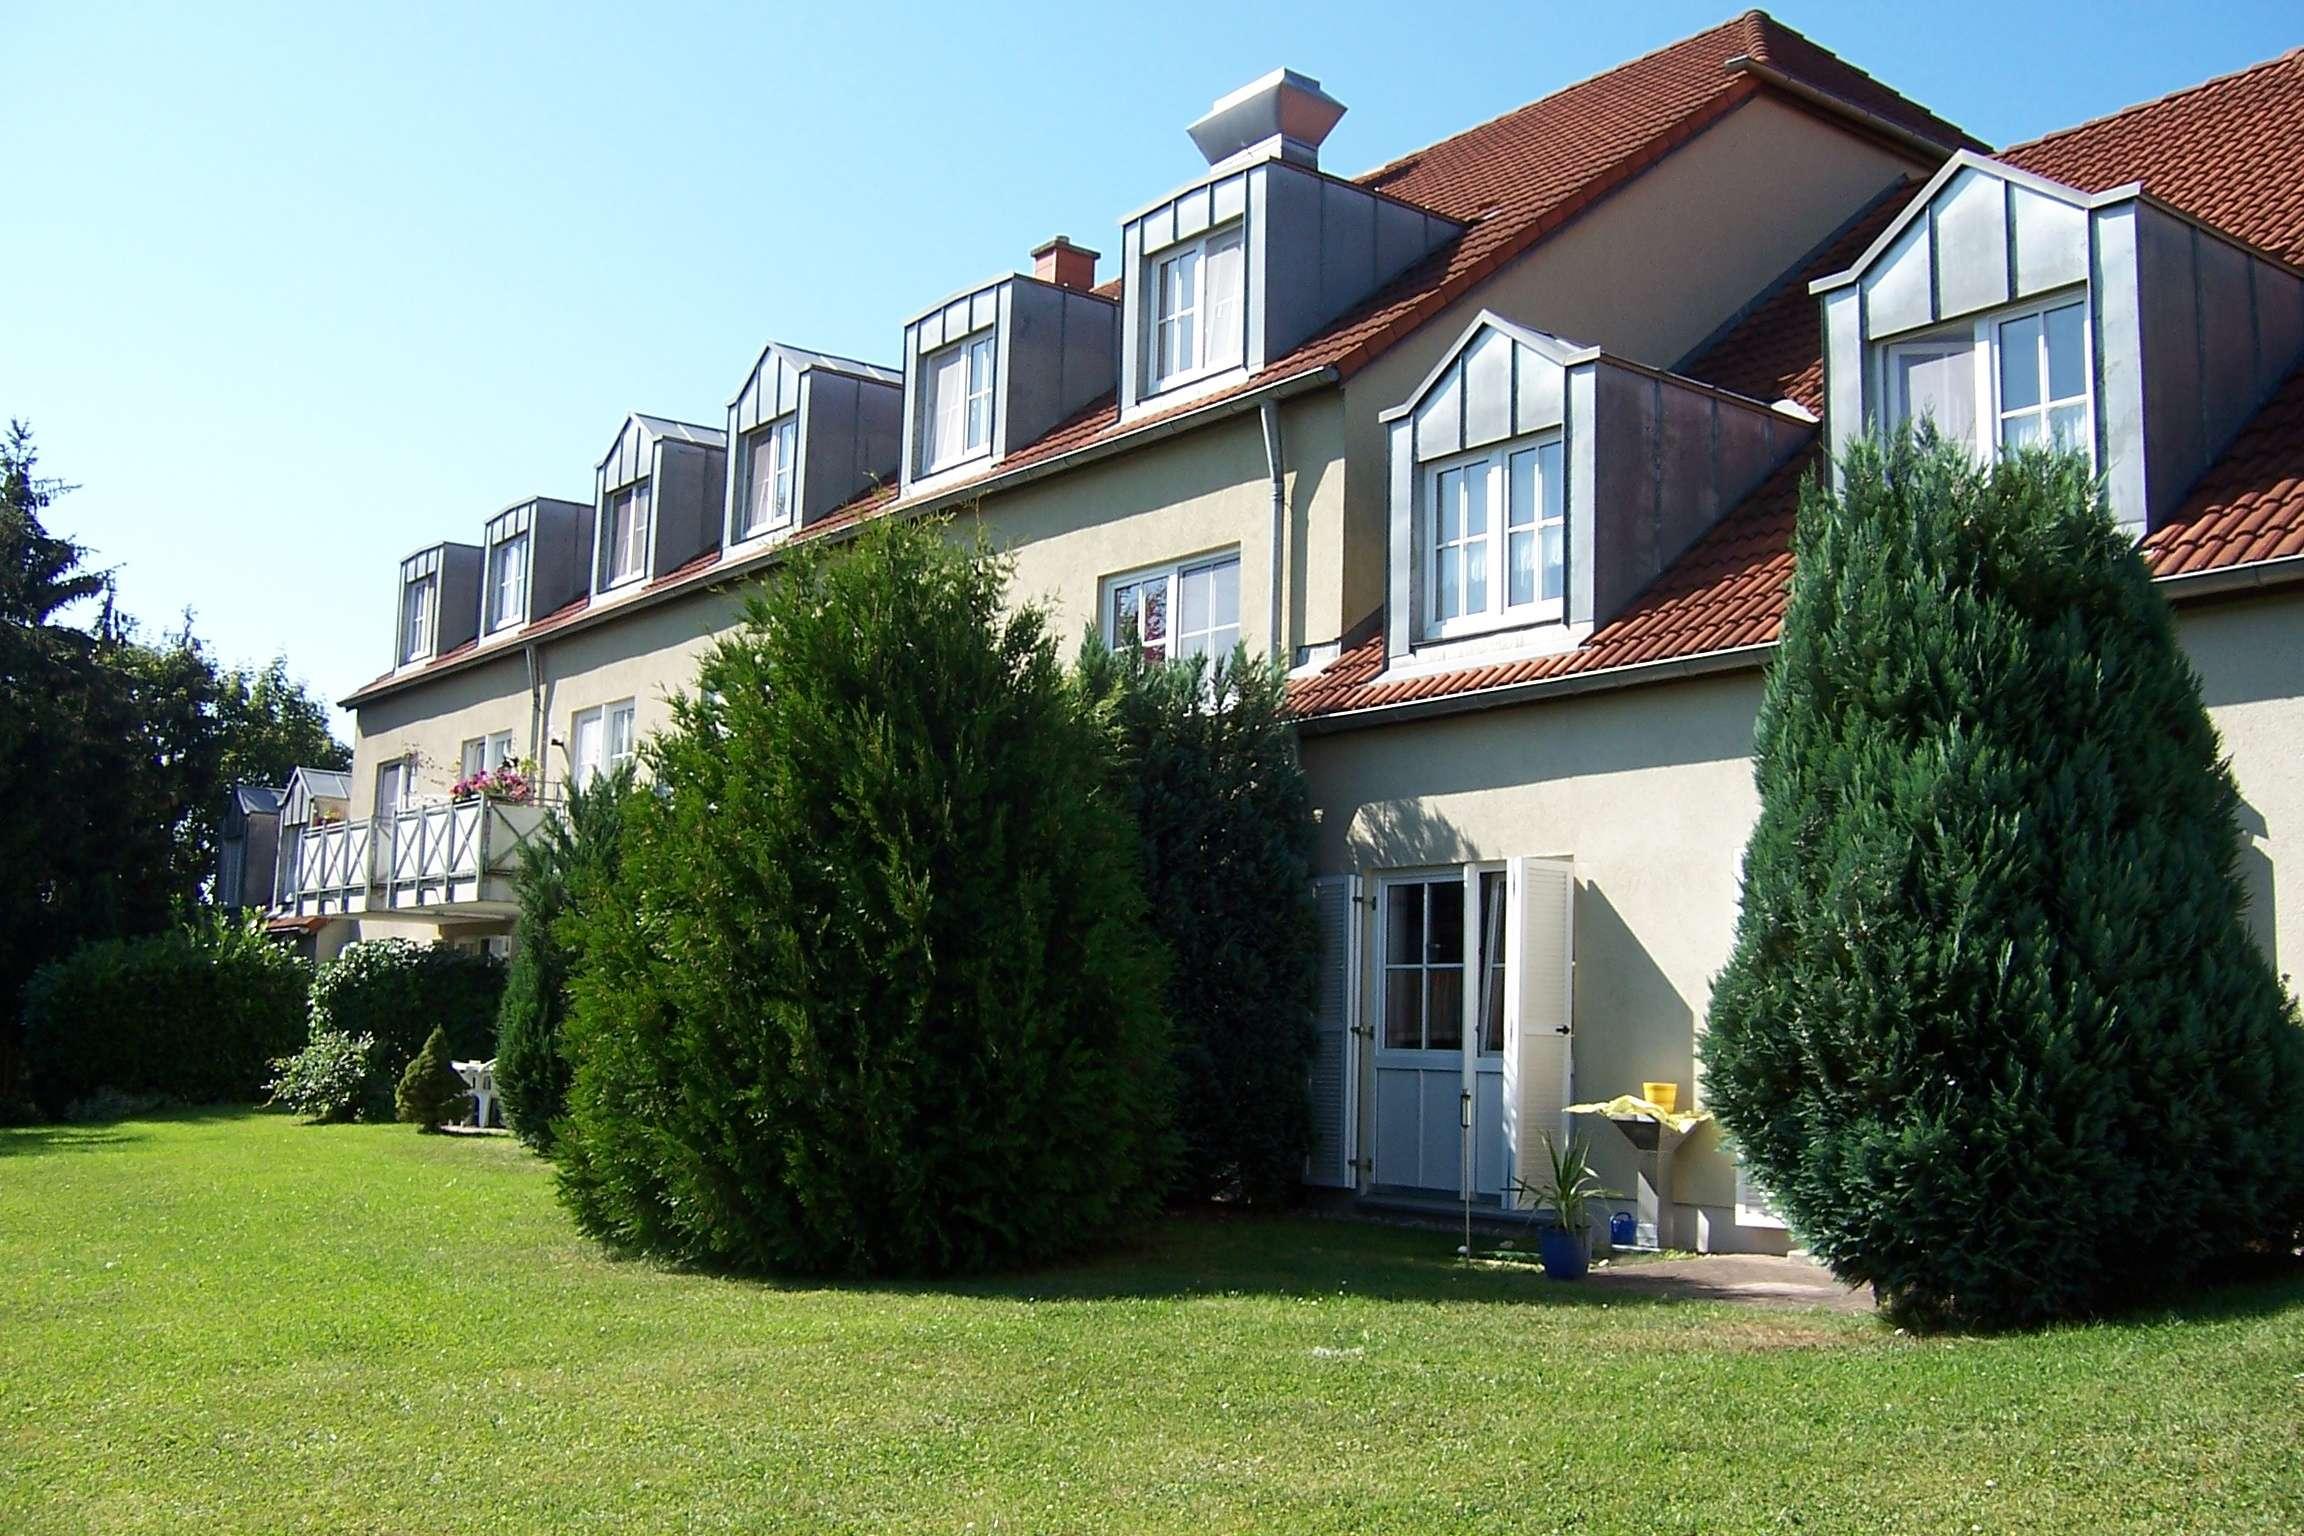 3-Zimmer-Wohnung mit Terrasse in